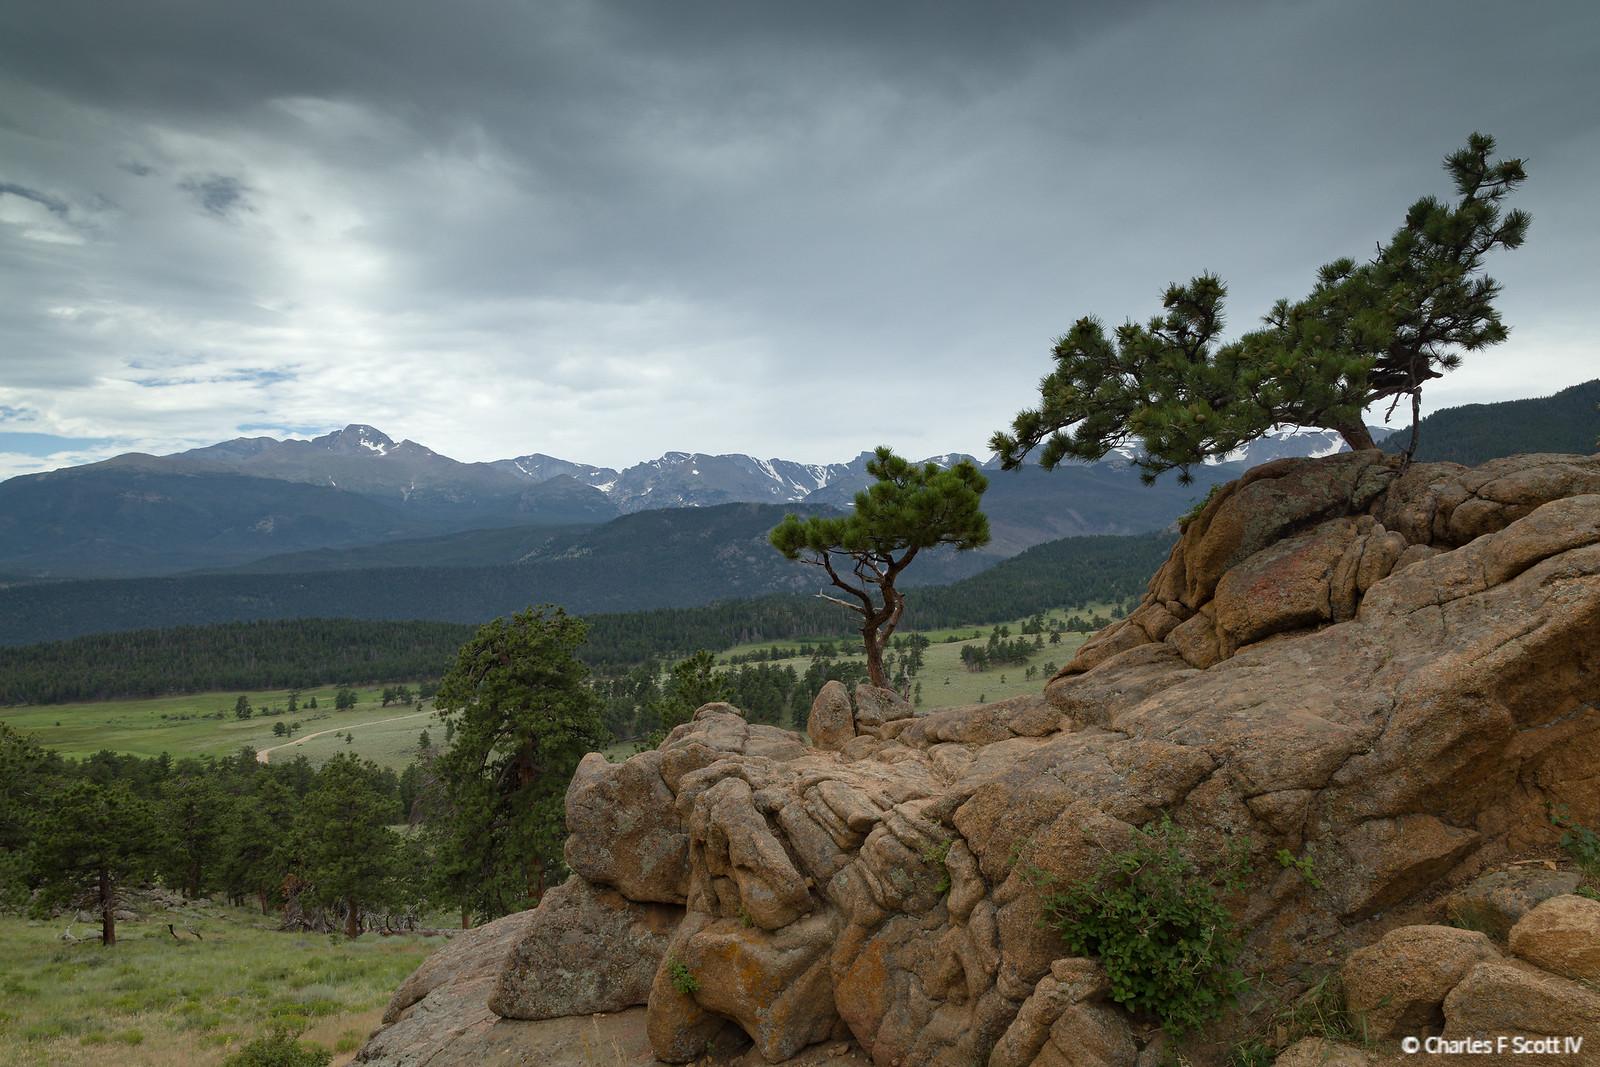 IMAGE: https://photos.smugmug.com/Public/2019-Colorado/i-ZBZbZWv/0/69ebd87f/X3/20190801-4482-X3.jpg